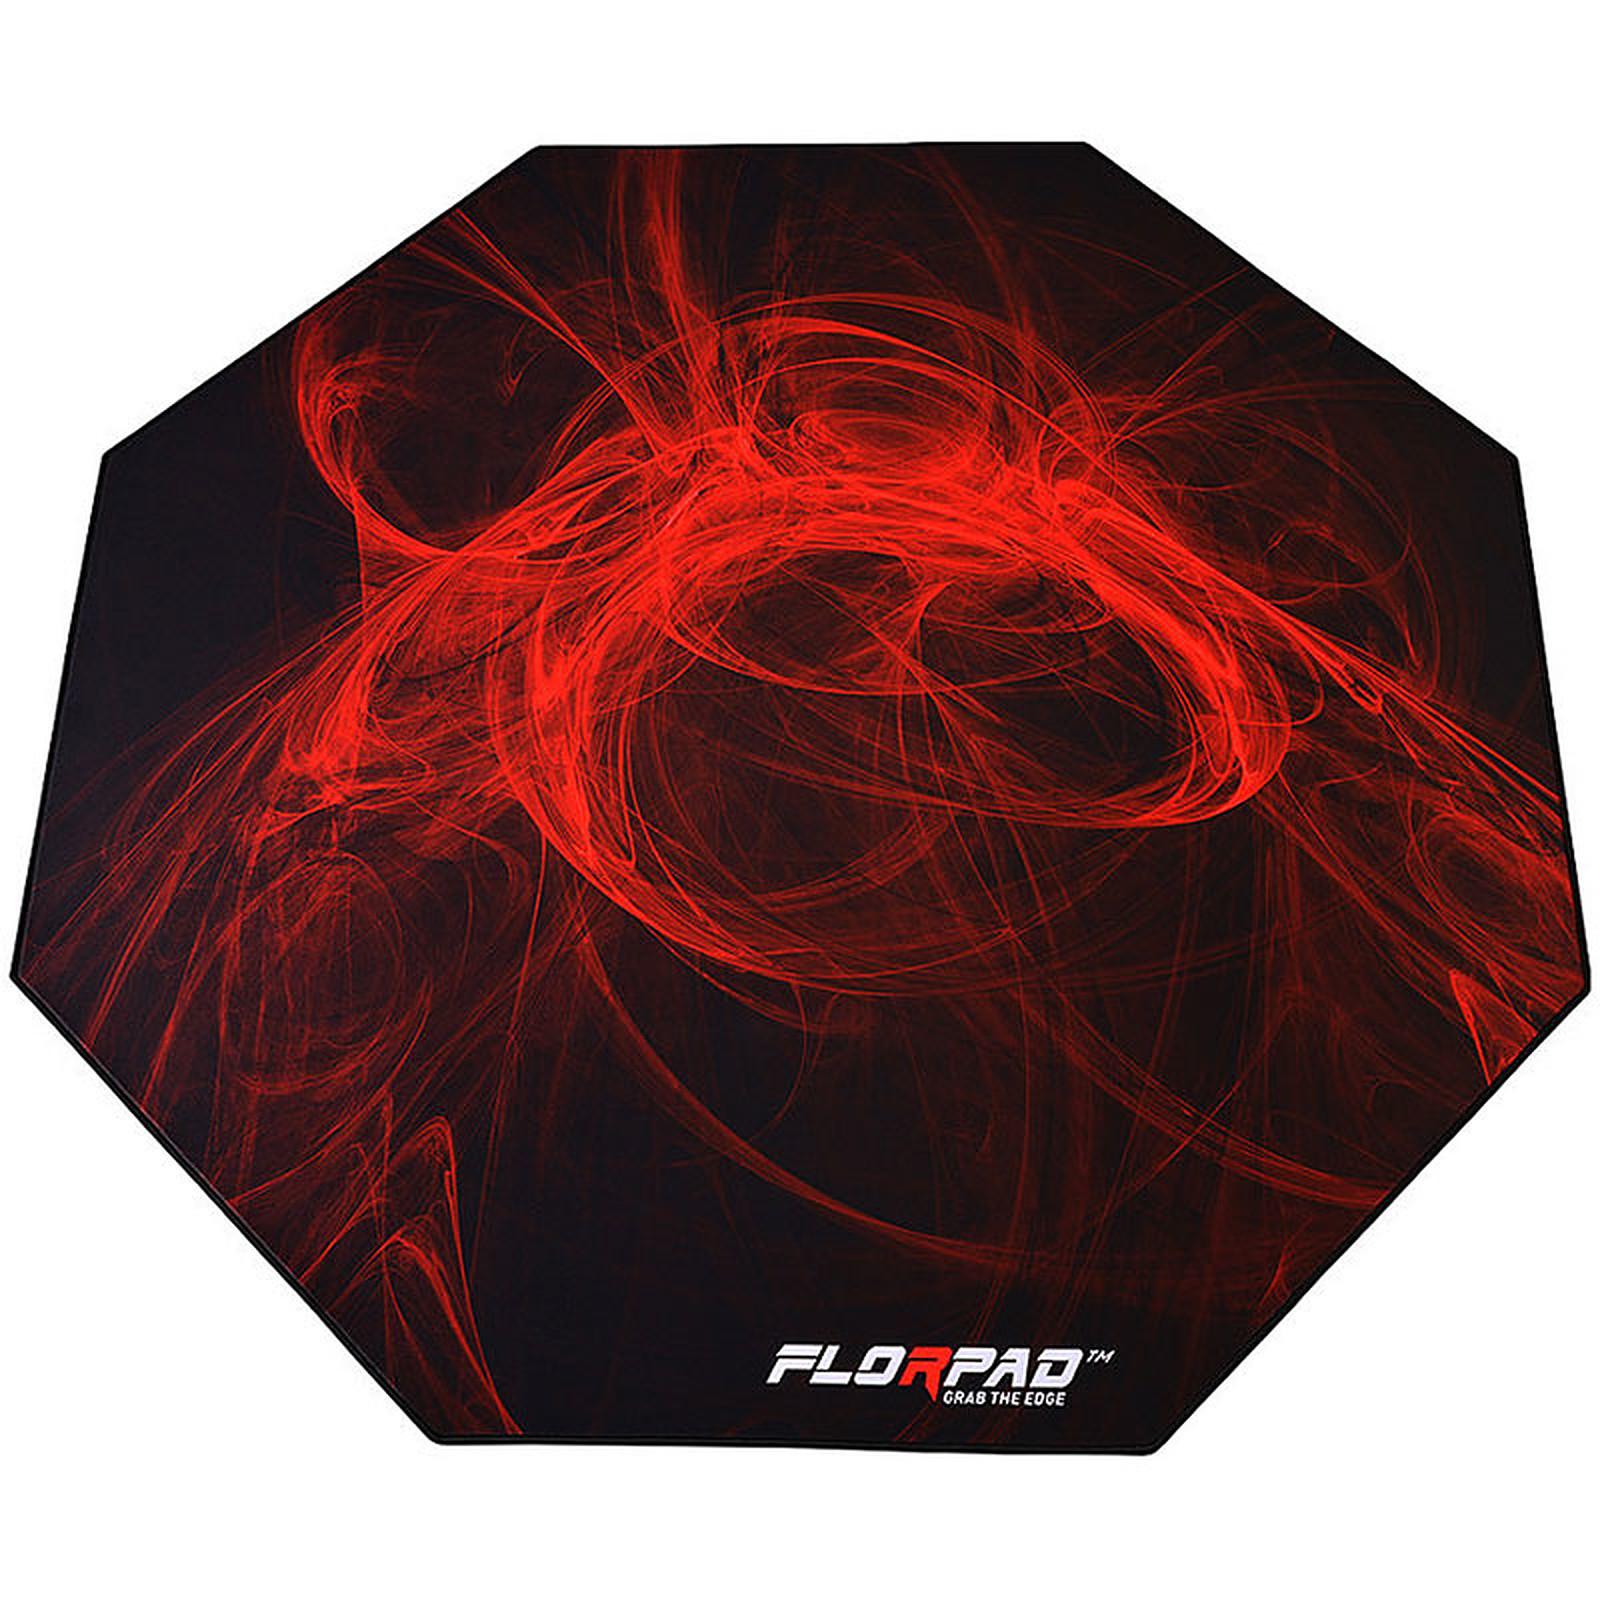 Florpad Fury